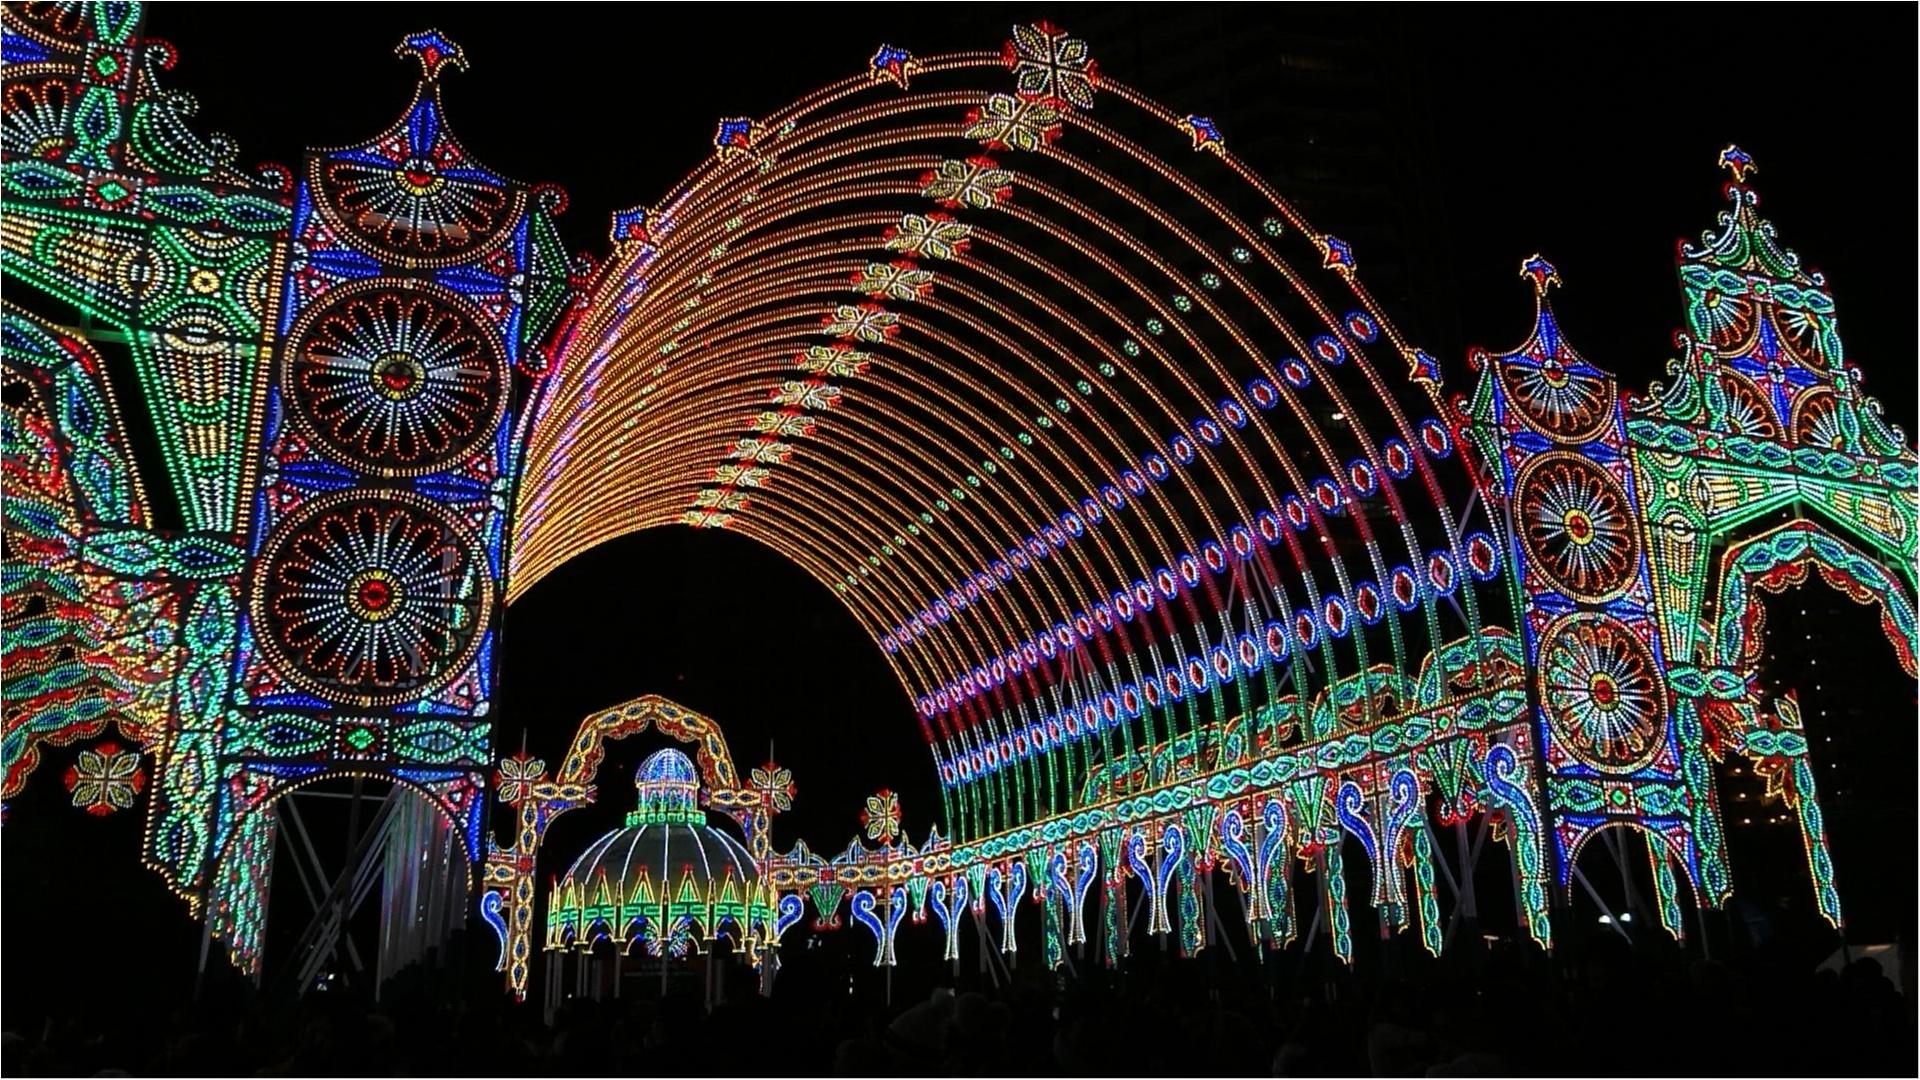 開催期間、17日まで! 輝きを増した 神戸ルミナリエ~未来への眼差し~_2